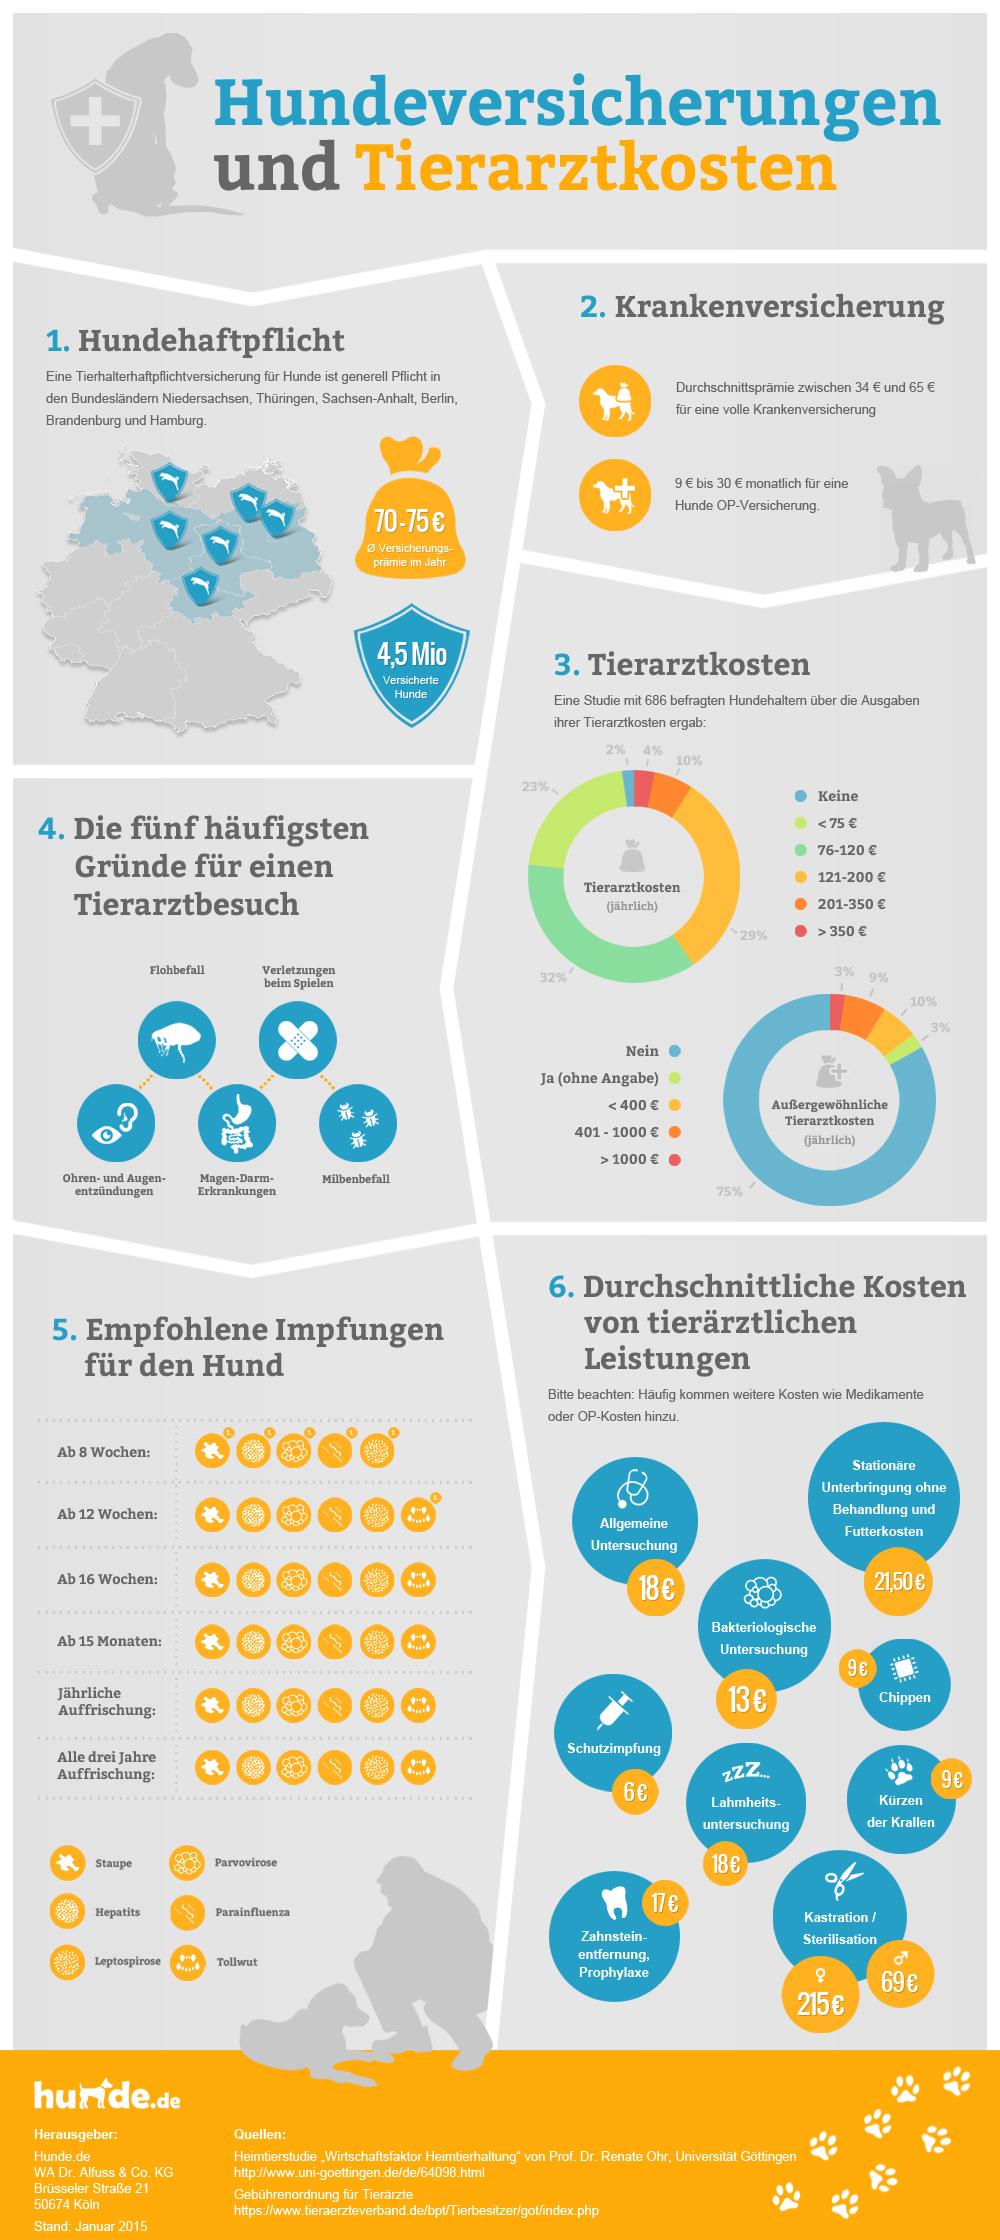 Infografik Hundeversicherungen und Tierarztkosten